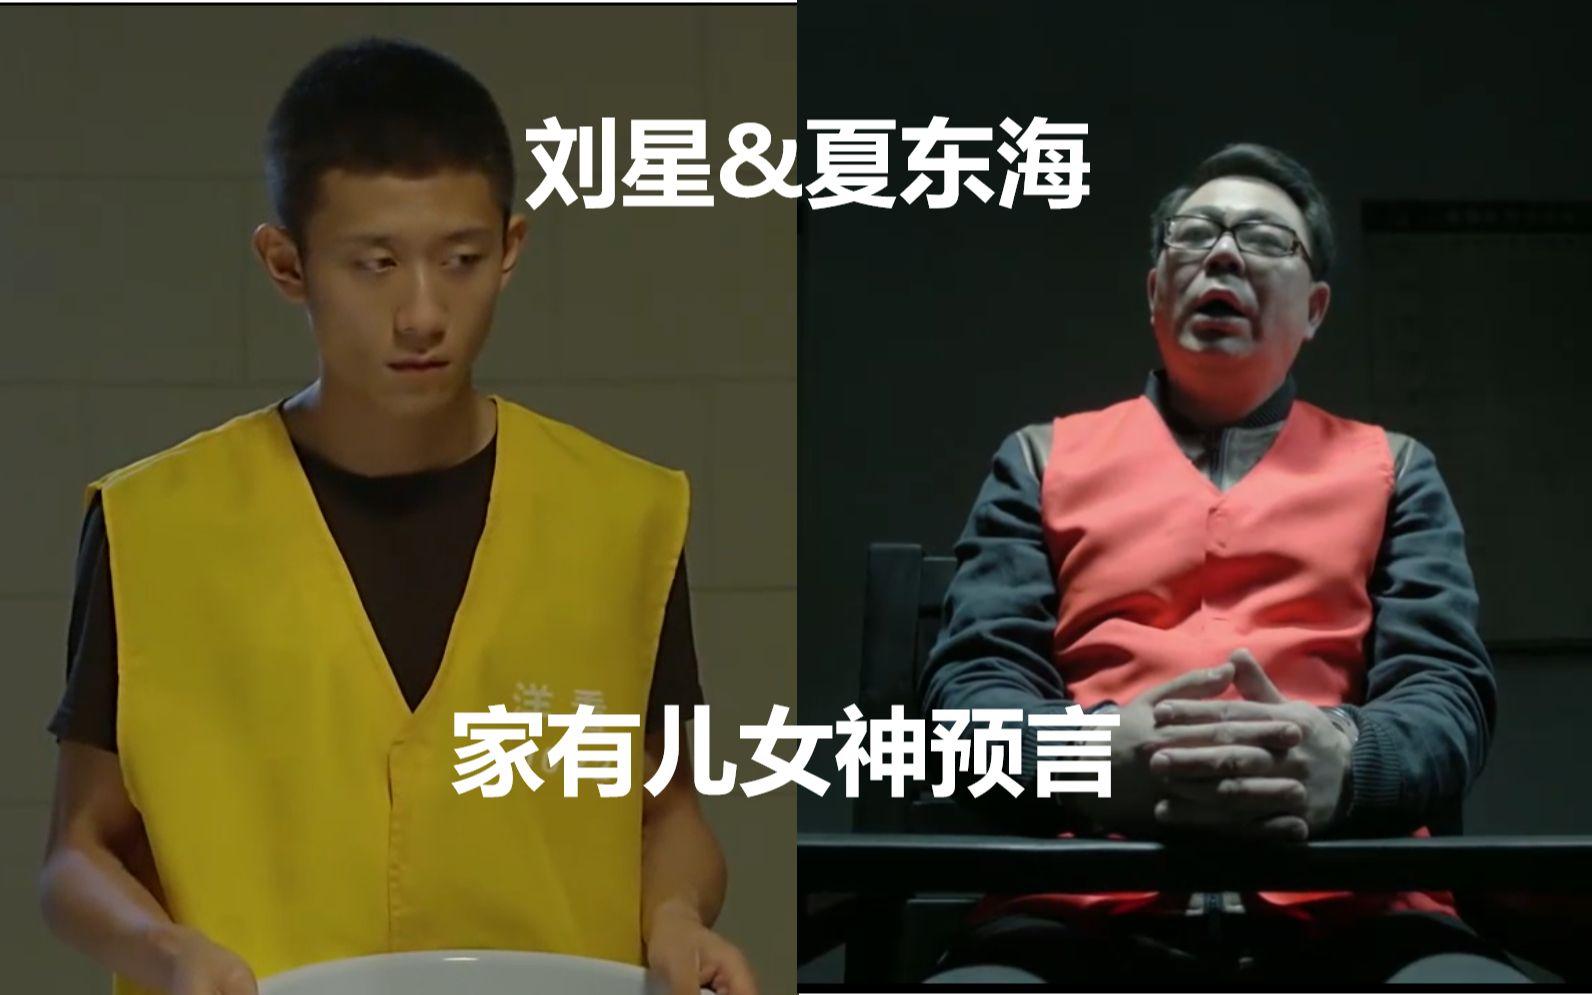 家有儿女神预言 刘星 夏东海,没想到啊,你们两父子都进去了 刘梅哭晕